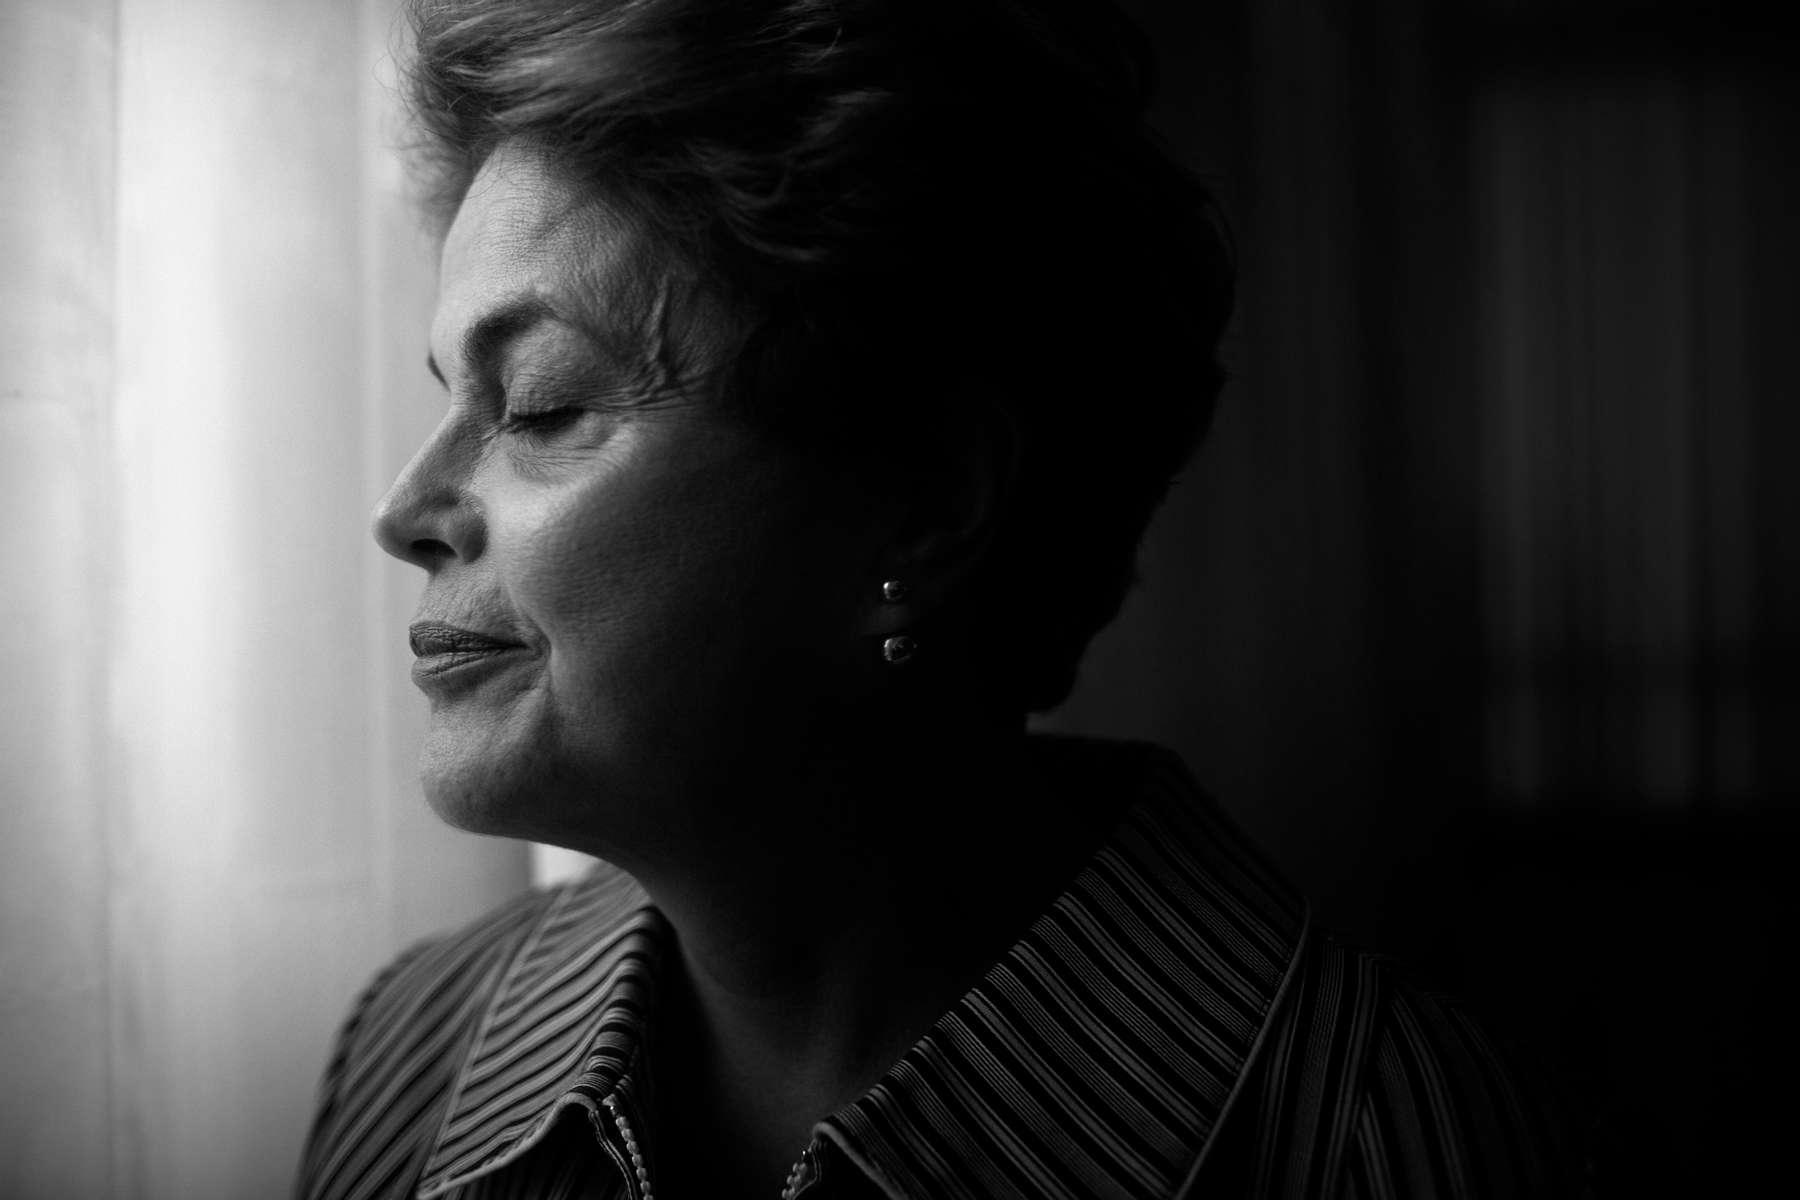 Dilma Rousseff. Former President of Brazil. Brasilia